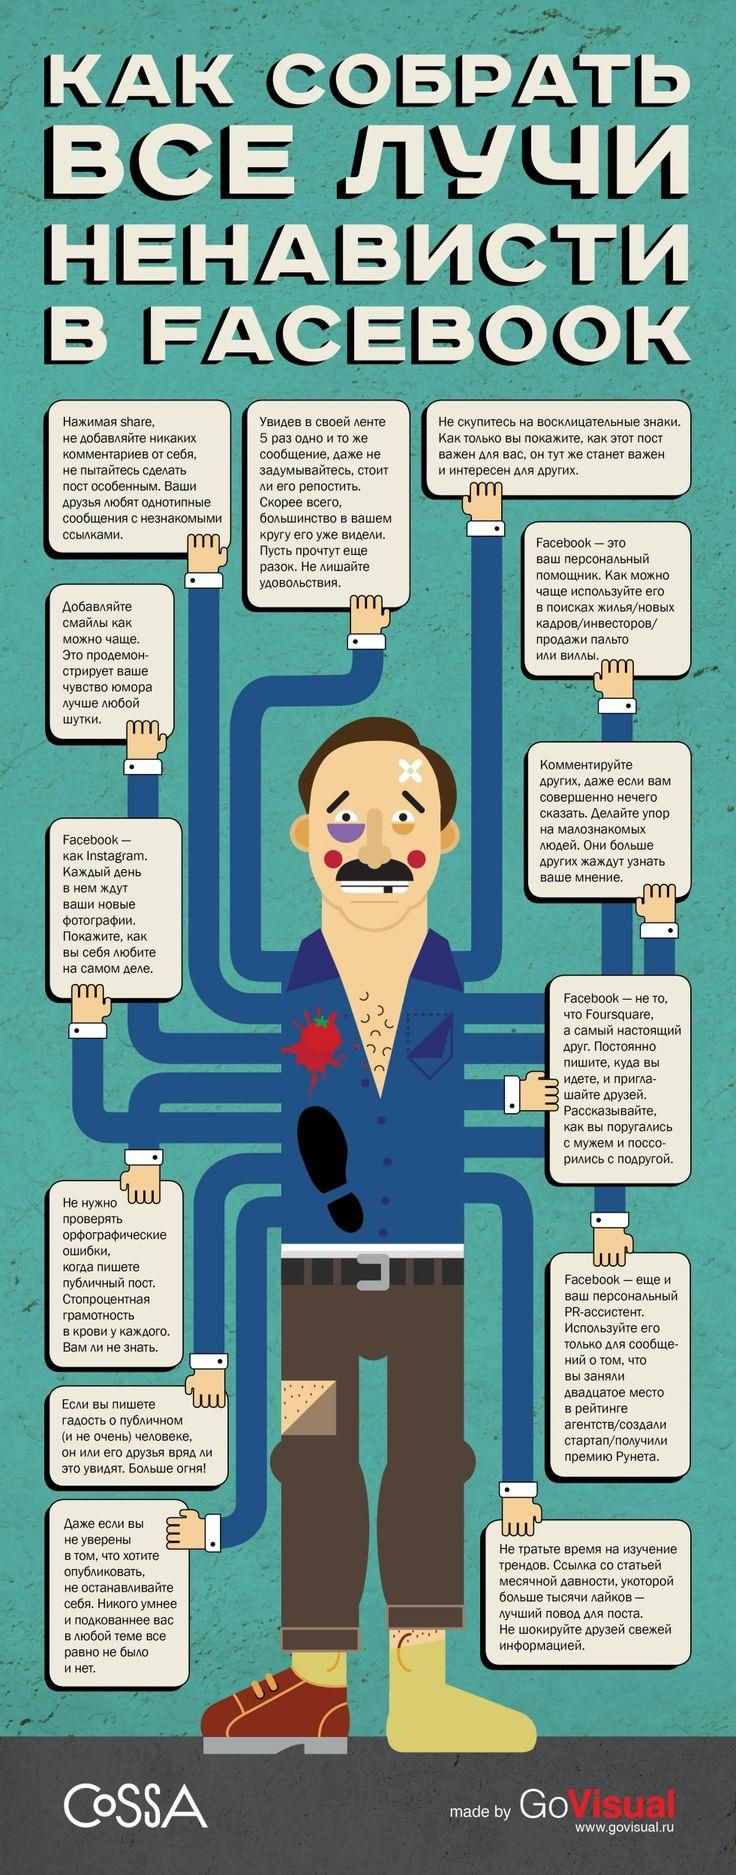 Что делать в Facebook, чтобы получать как можно меньше лайков и фолловеров. Источник: http://www.cossa.ru/articles/152/38535/